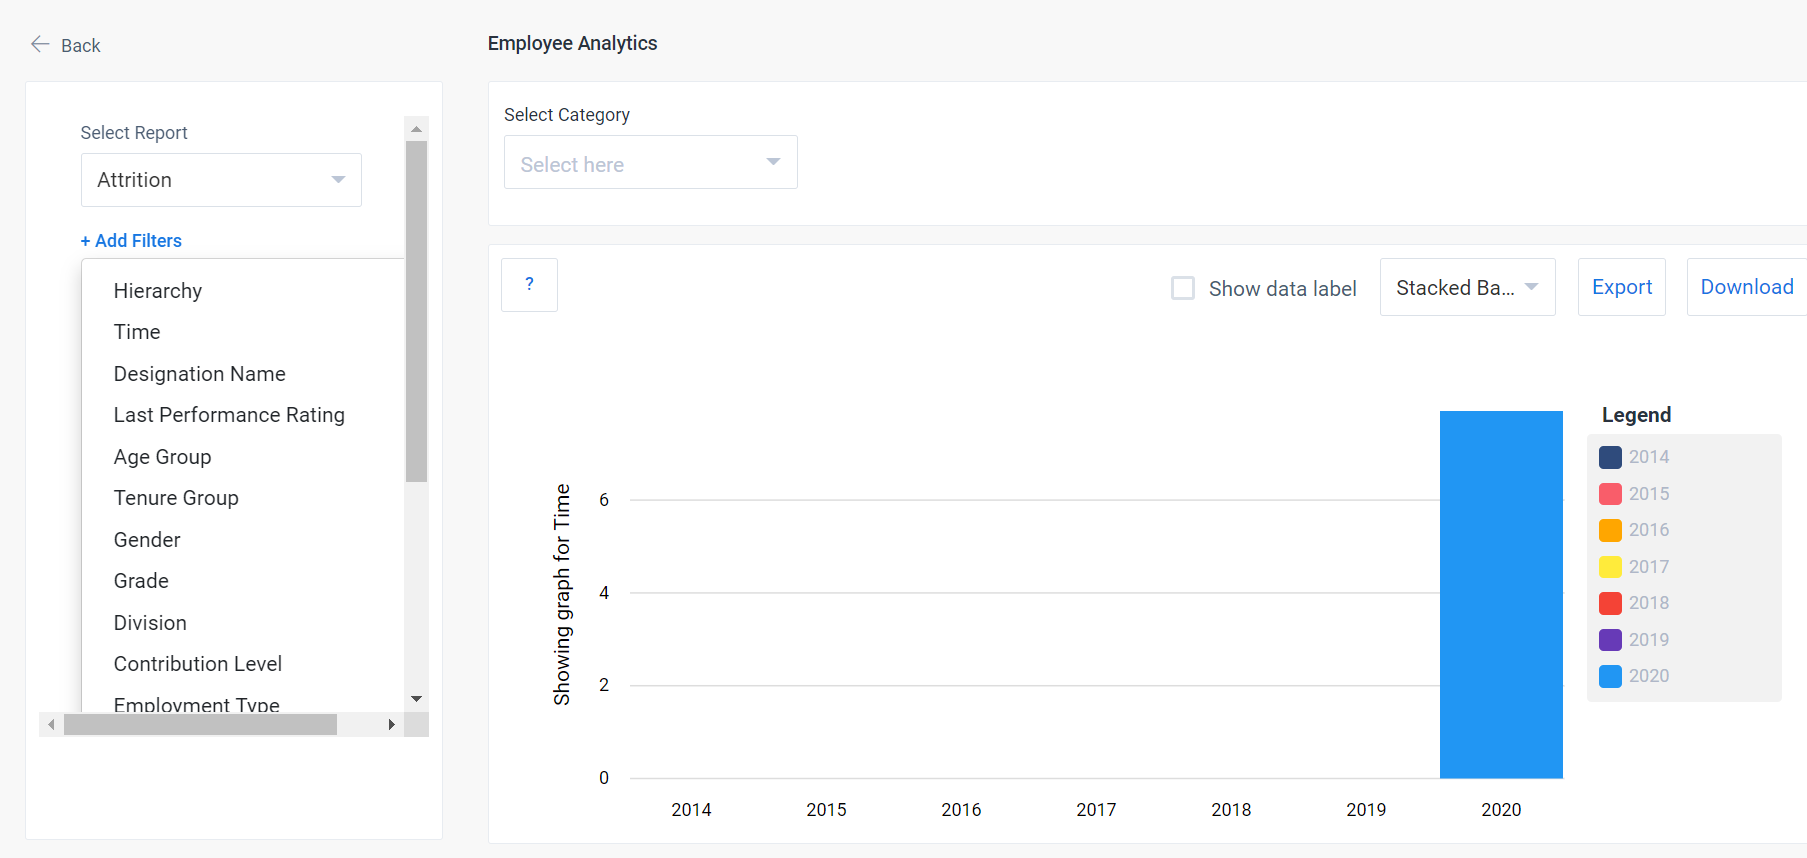 employee analytics